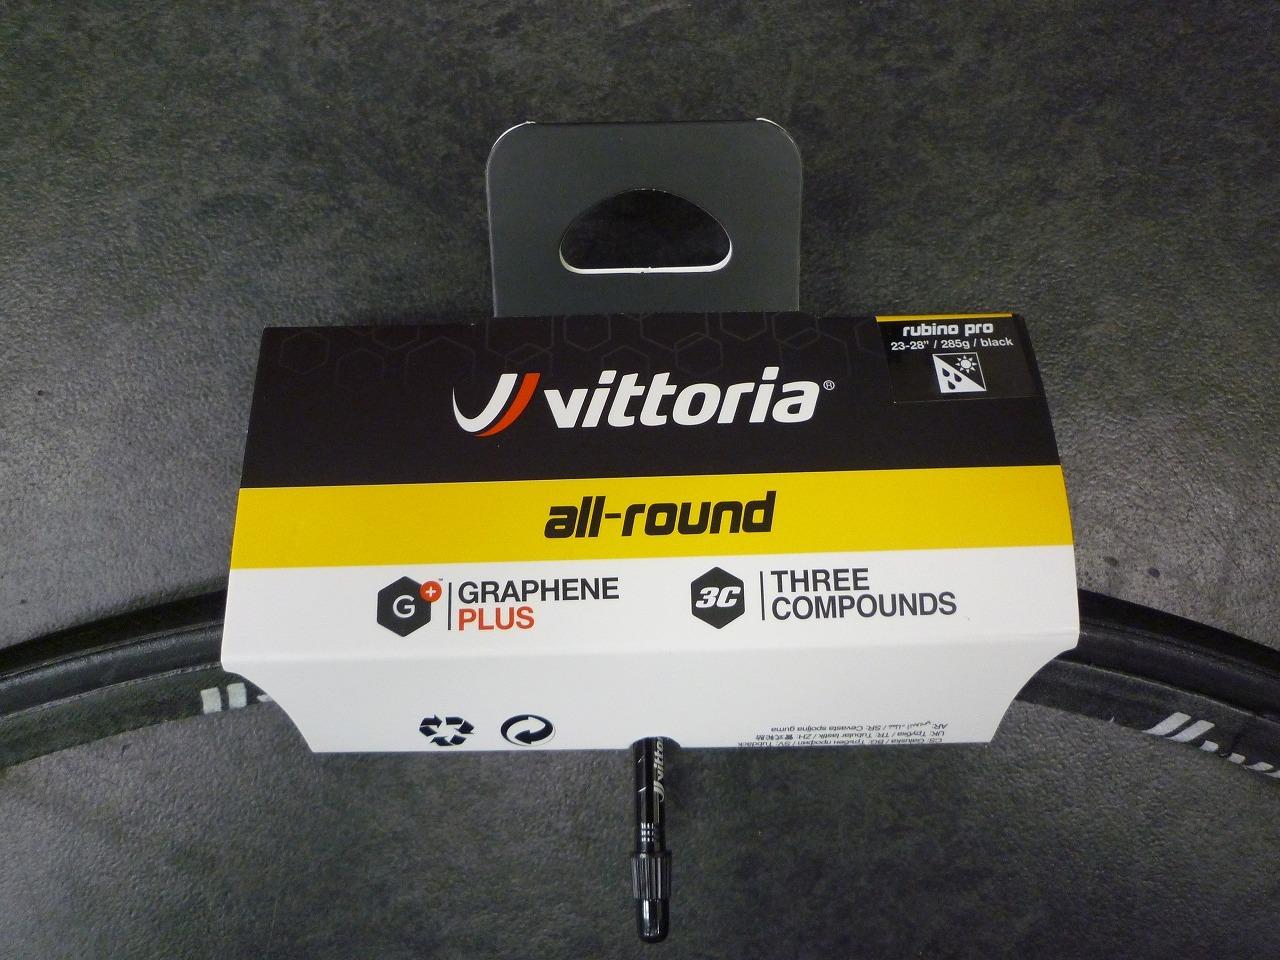 新入荷 Vittoria rubino pro_a0262093_15522640.jpg